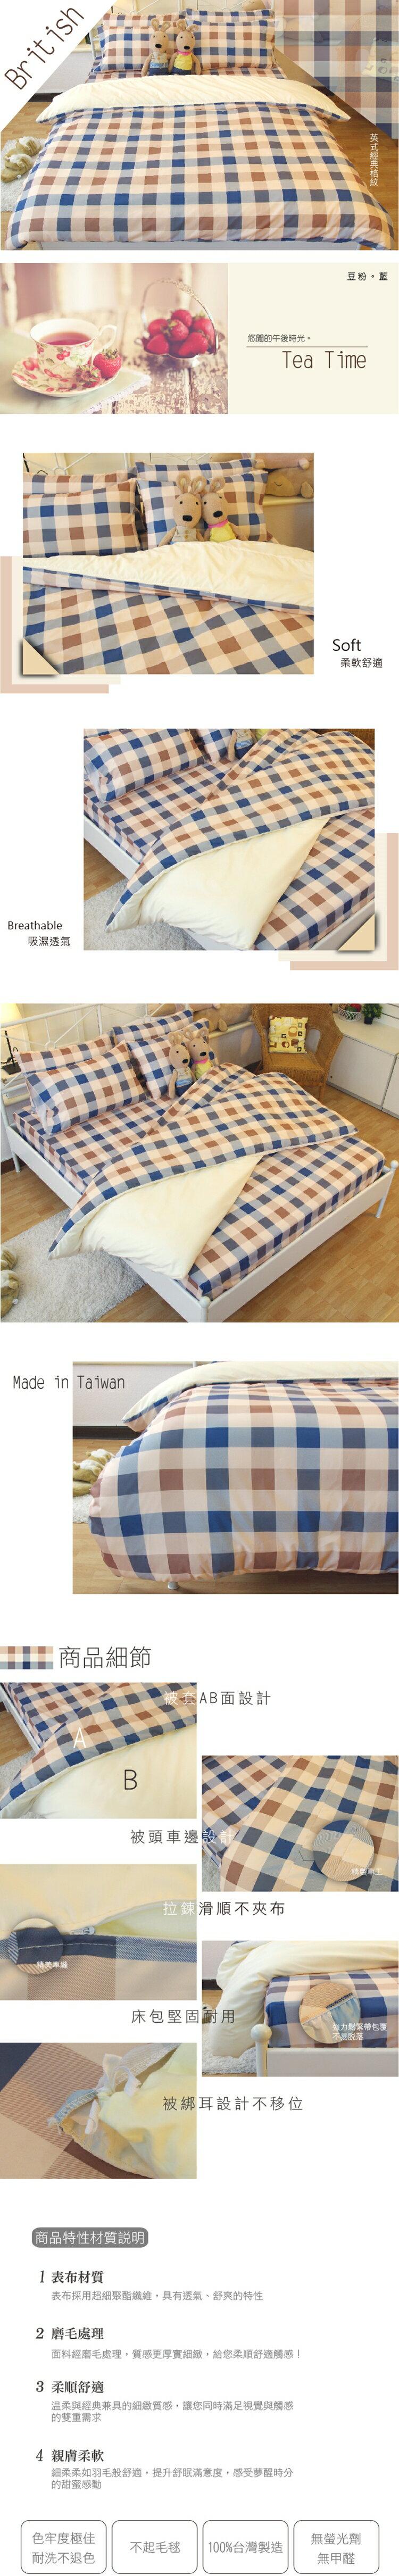 加大雙人床包(含枕套)-多款花色可挑選【超細纖維、觸感升級、SGS檢驗通過】 # 寢國寢城 6